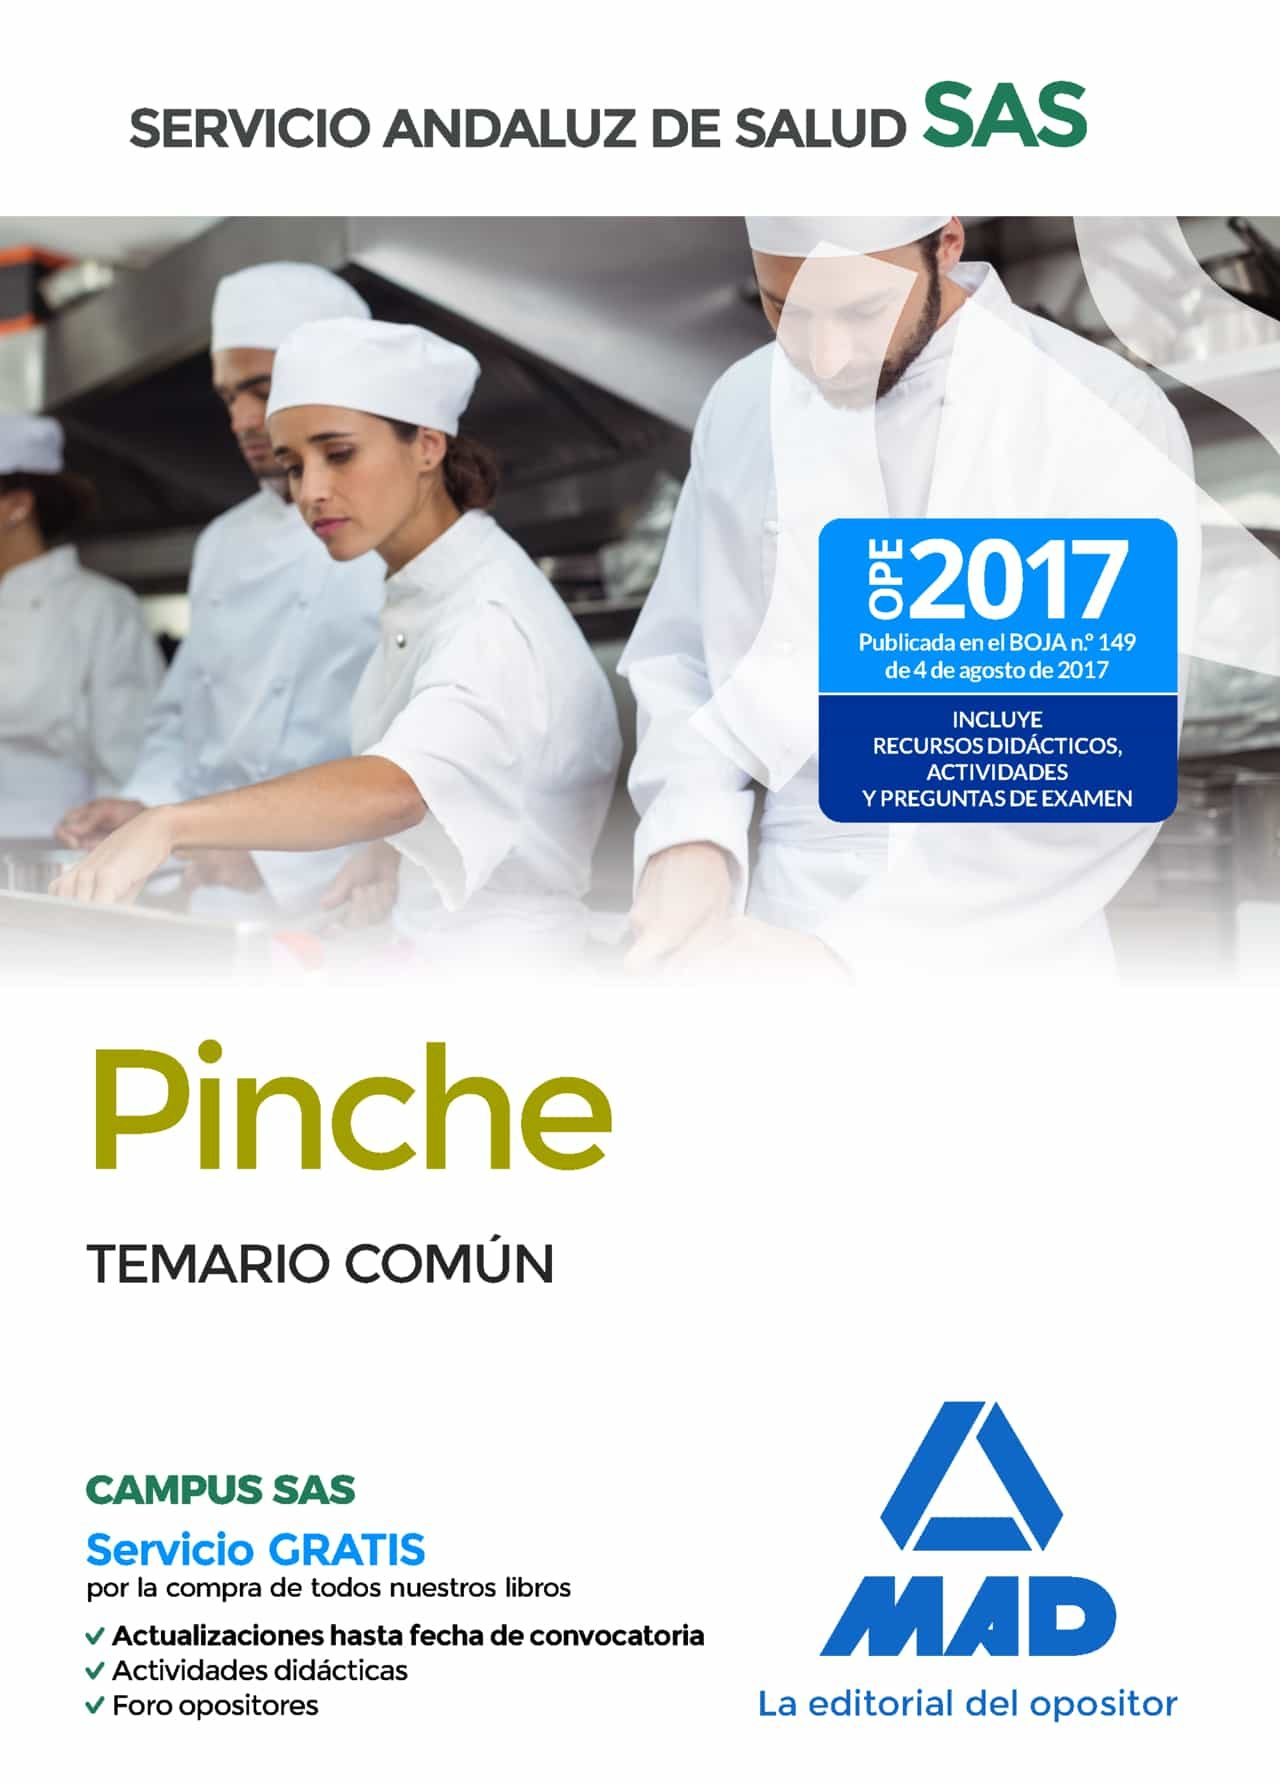 Pinche Del Servicio Andaluz De Salud: Temario Comun por Vv.aa.